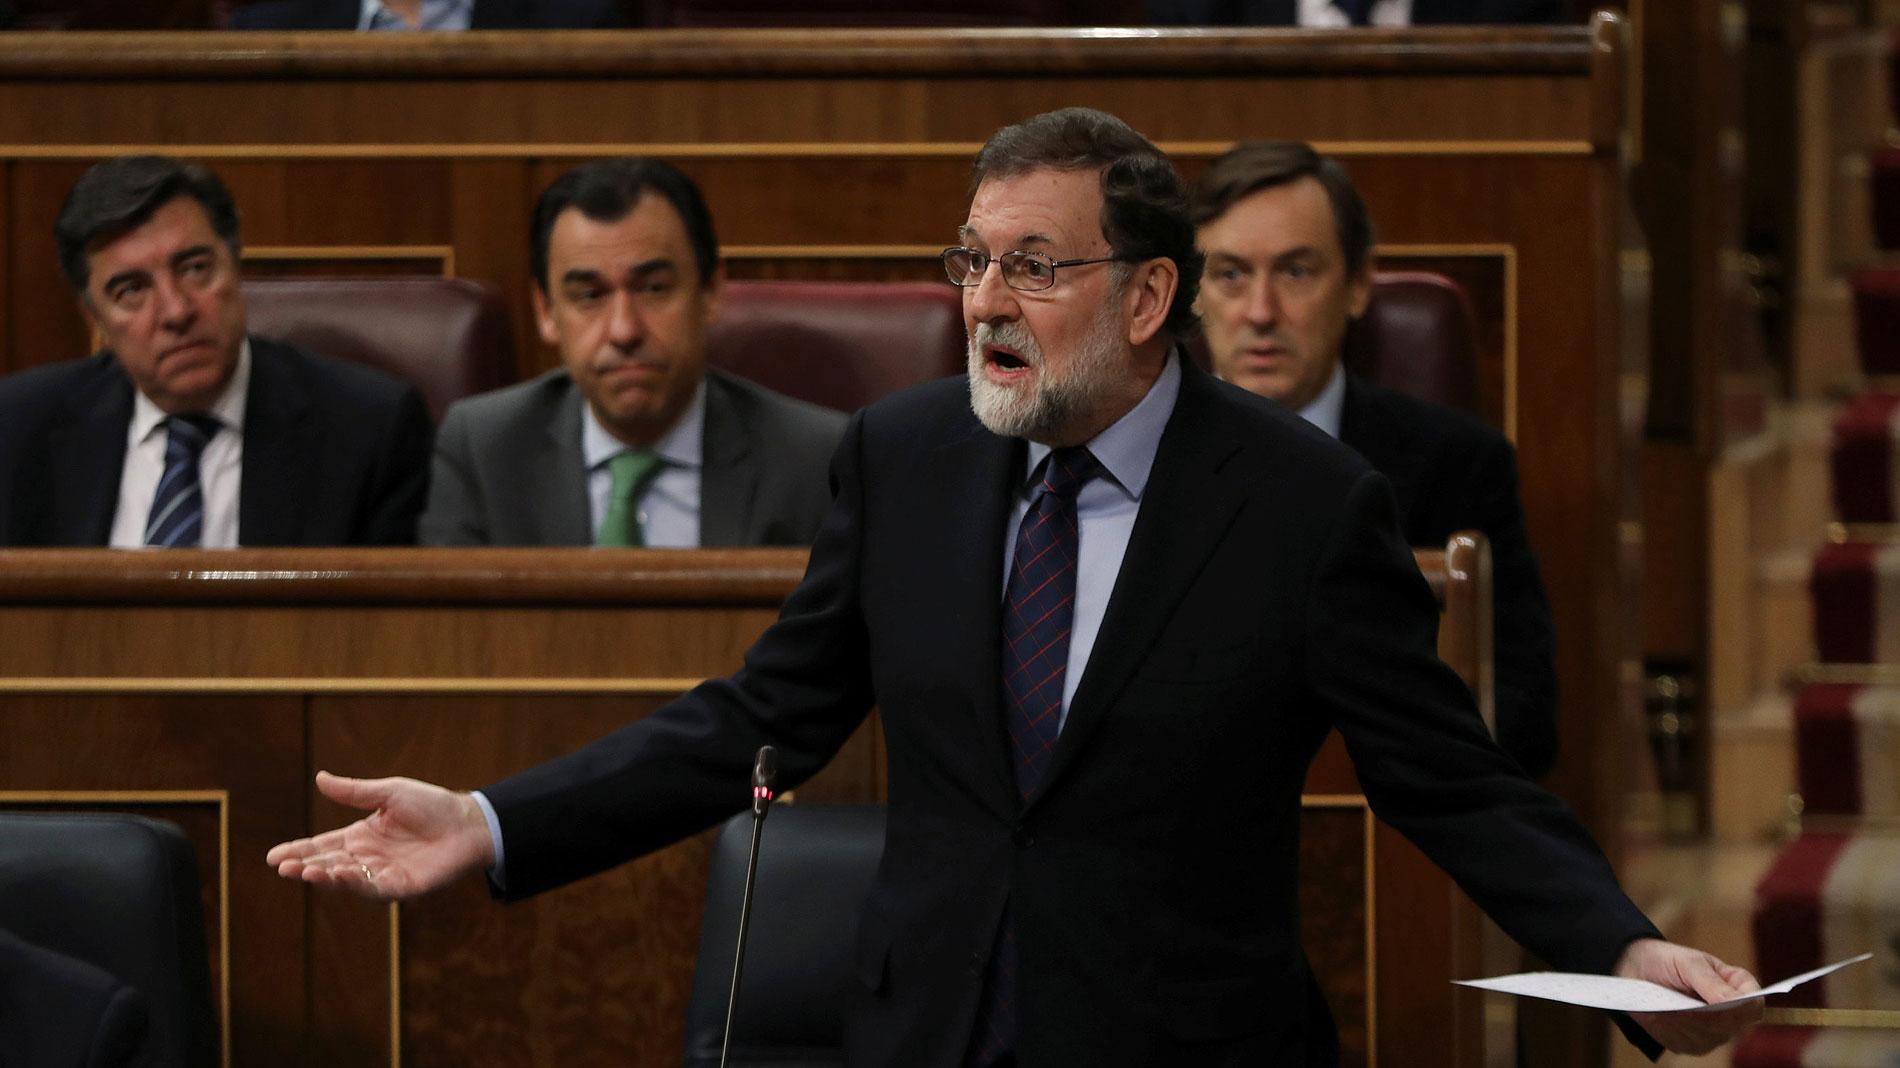 """Rajoy espera tener un diálogo """"normal y civilizado"""" cuando """"las cosas se normalicen"""" en Cataluña"""